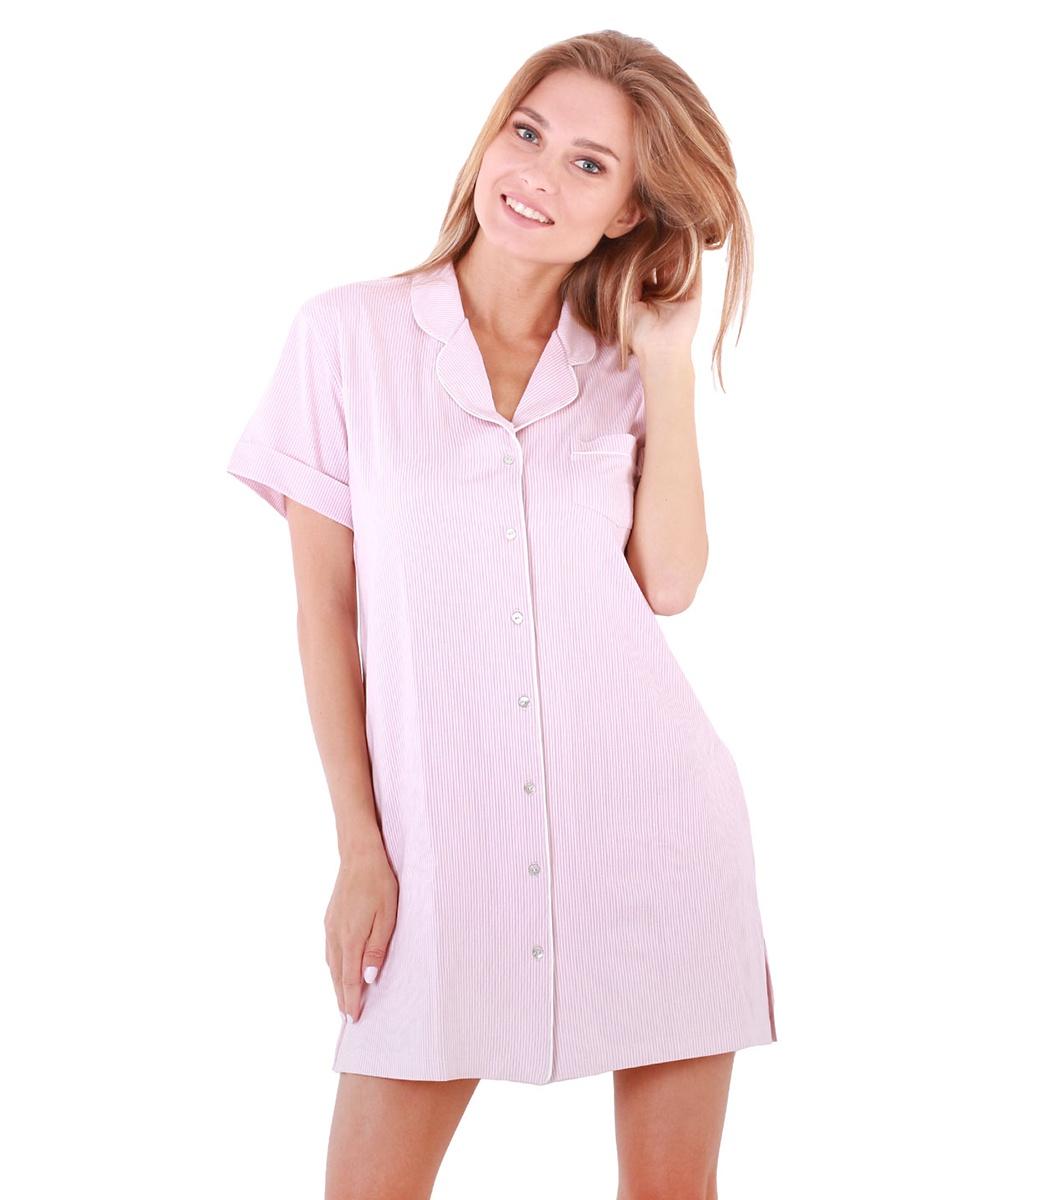 цены на Платье домашнее Serge  в интернет-магазинах